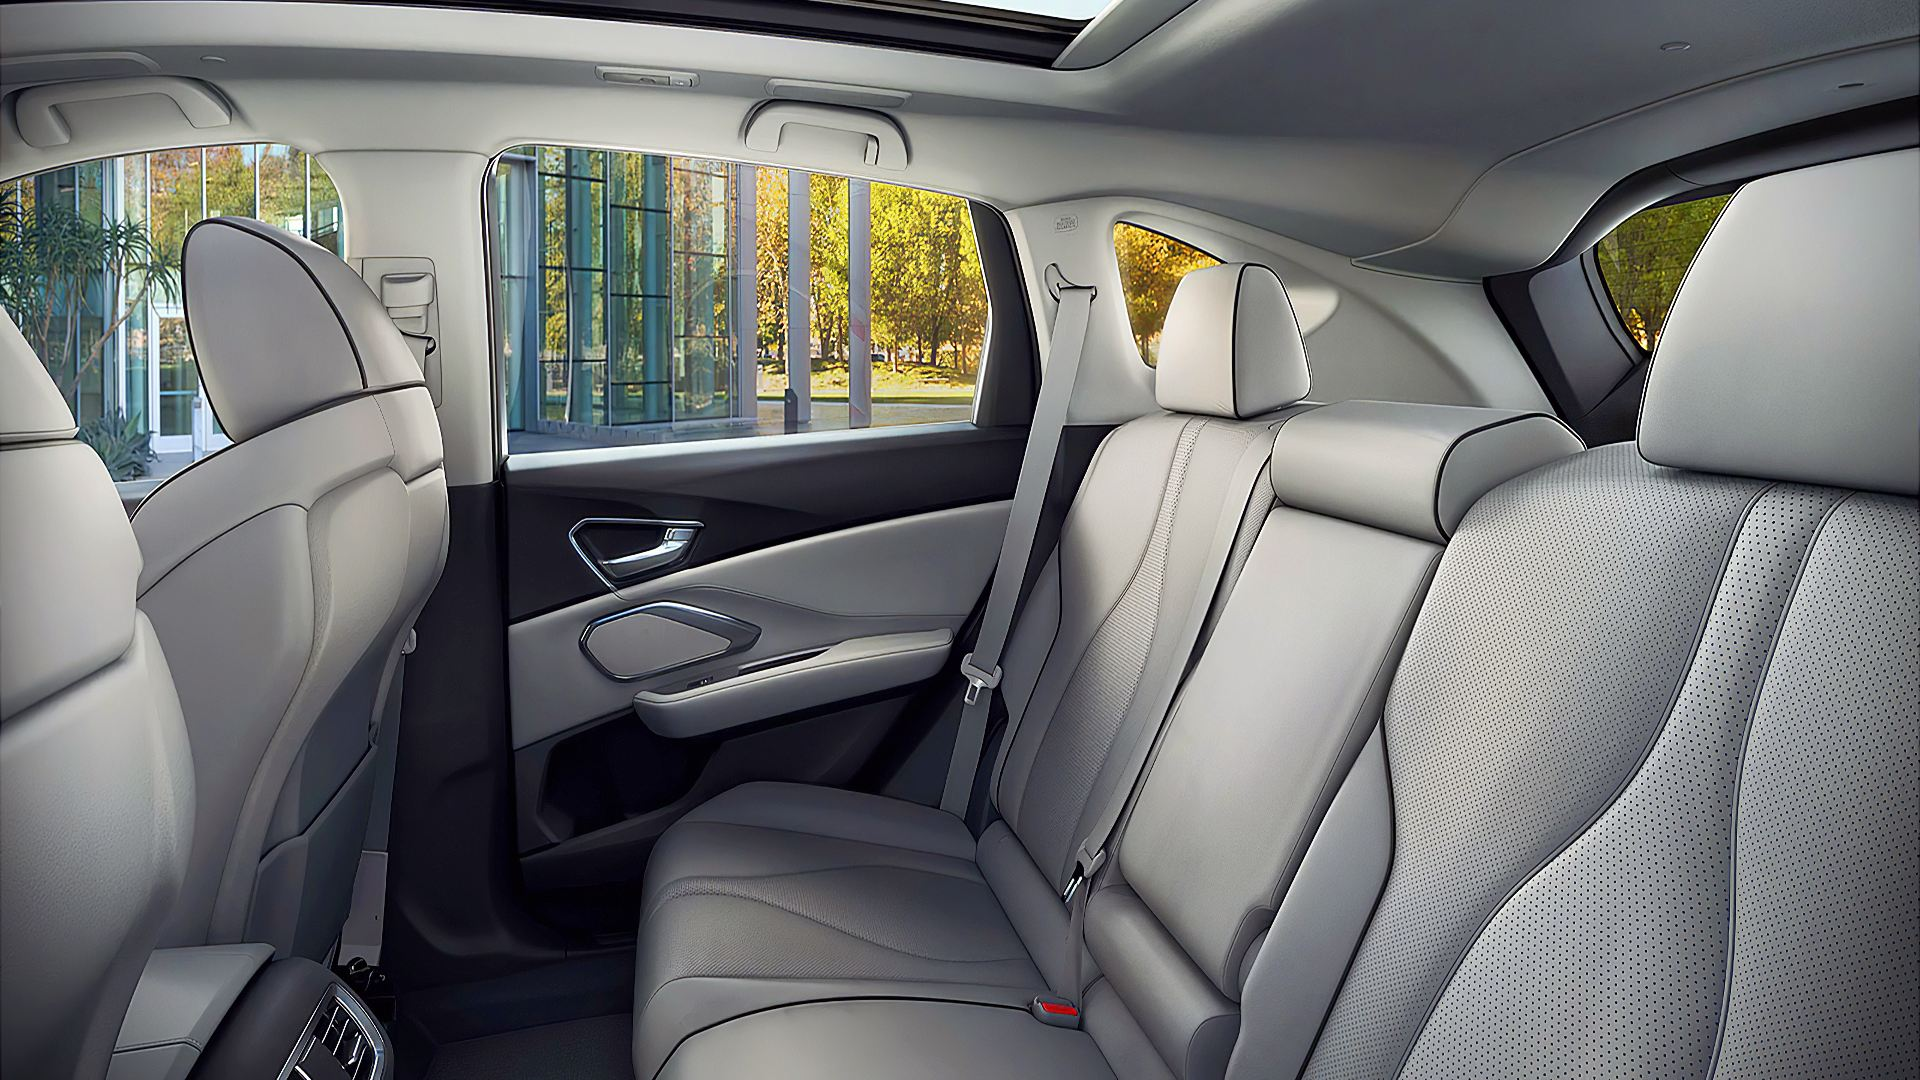 2020 Acura RDX Interior Pictures